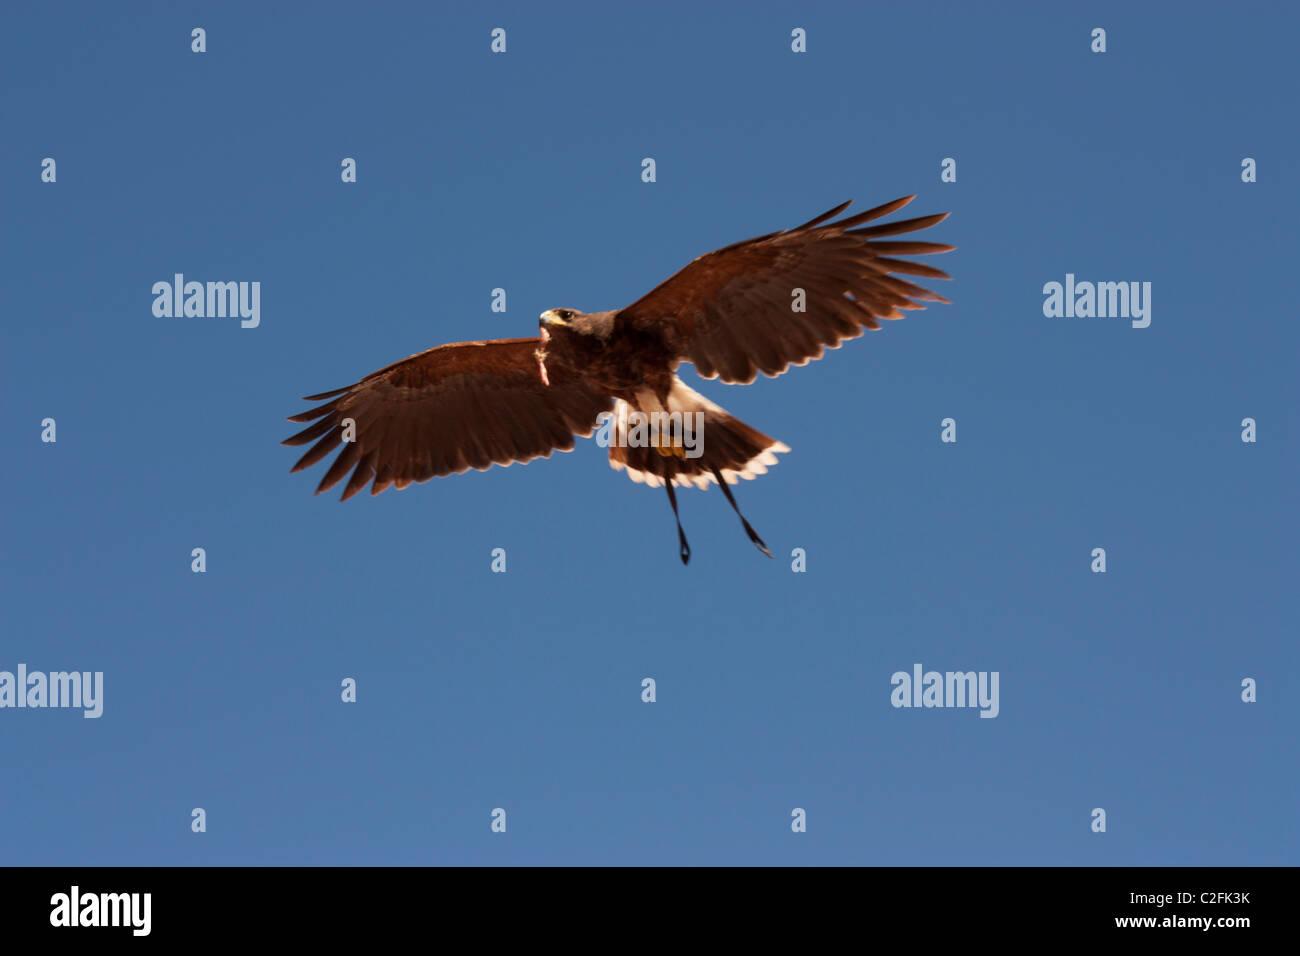 Brown Eagle Imágenes De Stock & Brown Eagle Fotos De Stock - Alamy